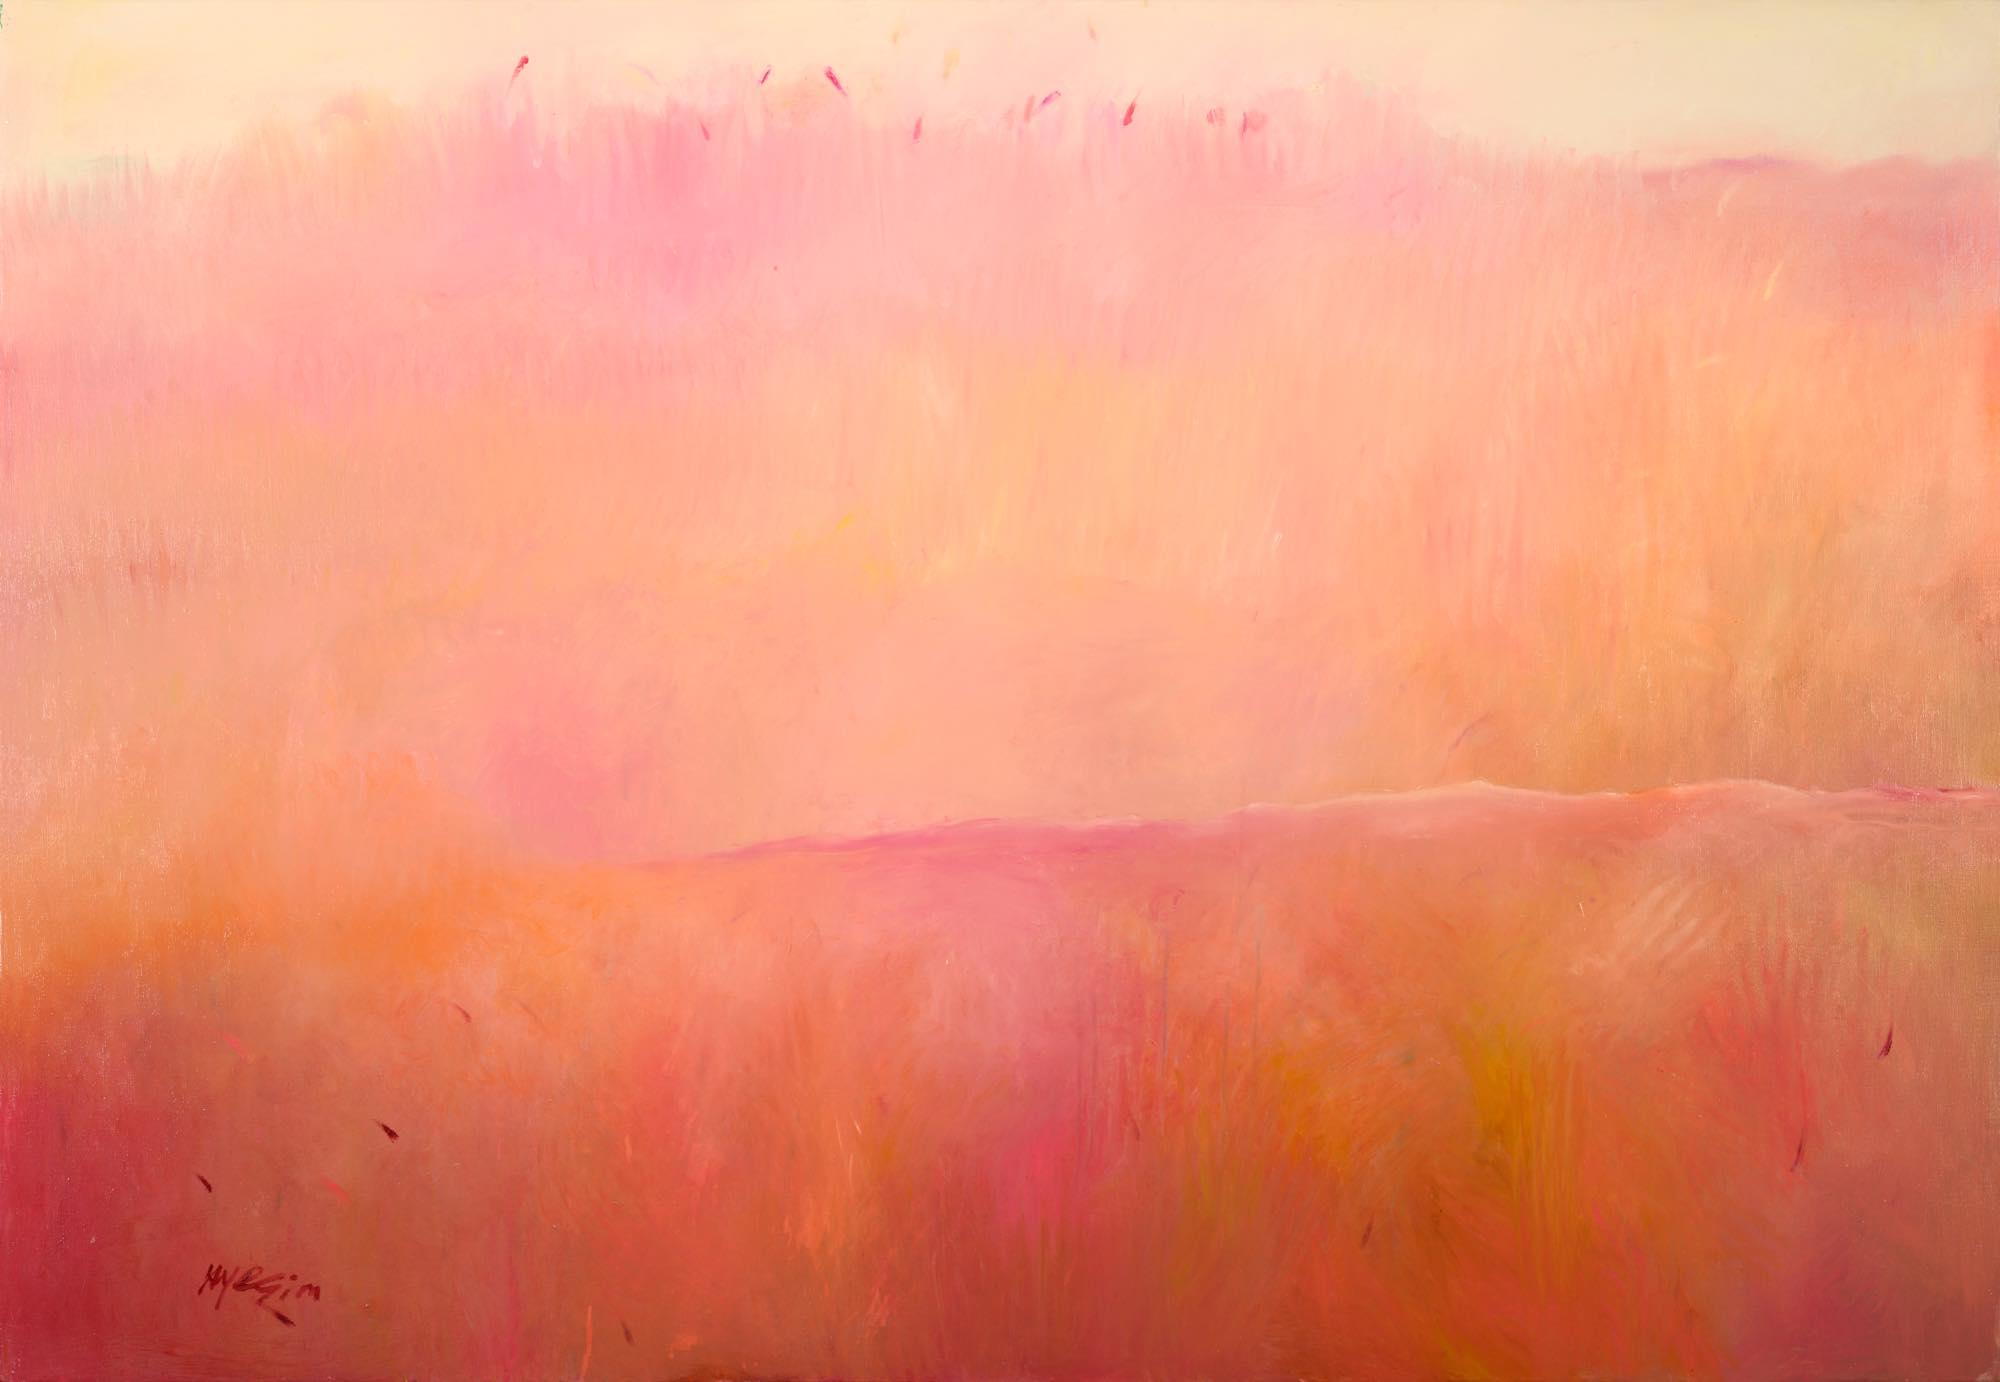 Hyesim Choi, Oil on Canvas, 162cm(W) x 112cm(H), 2020